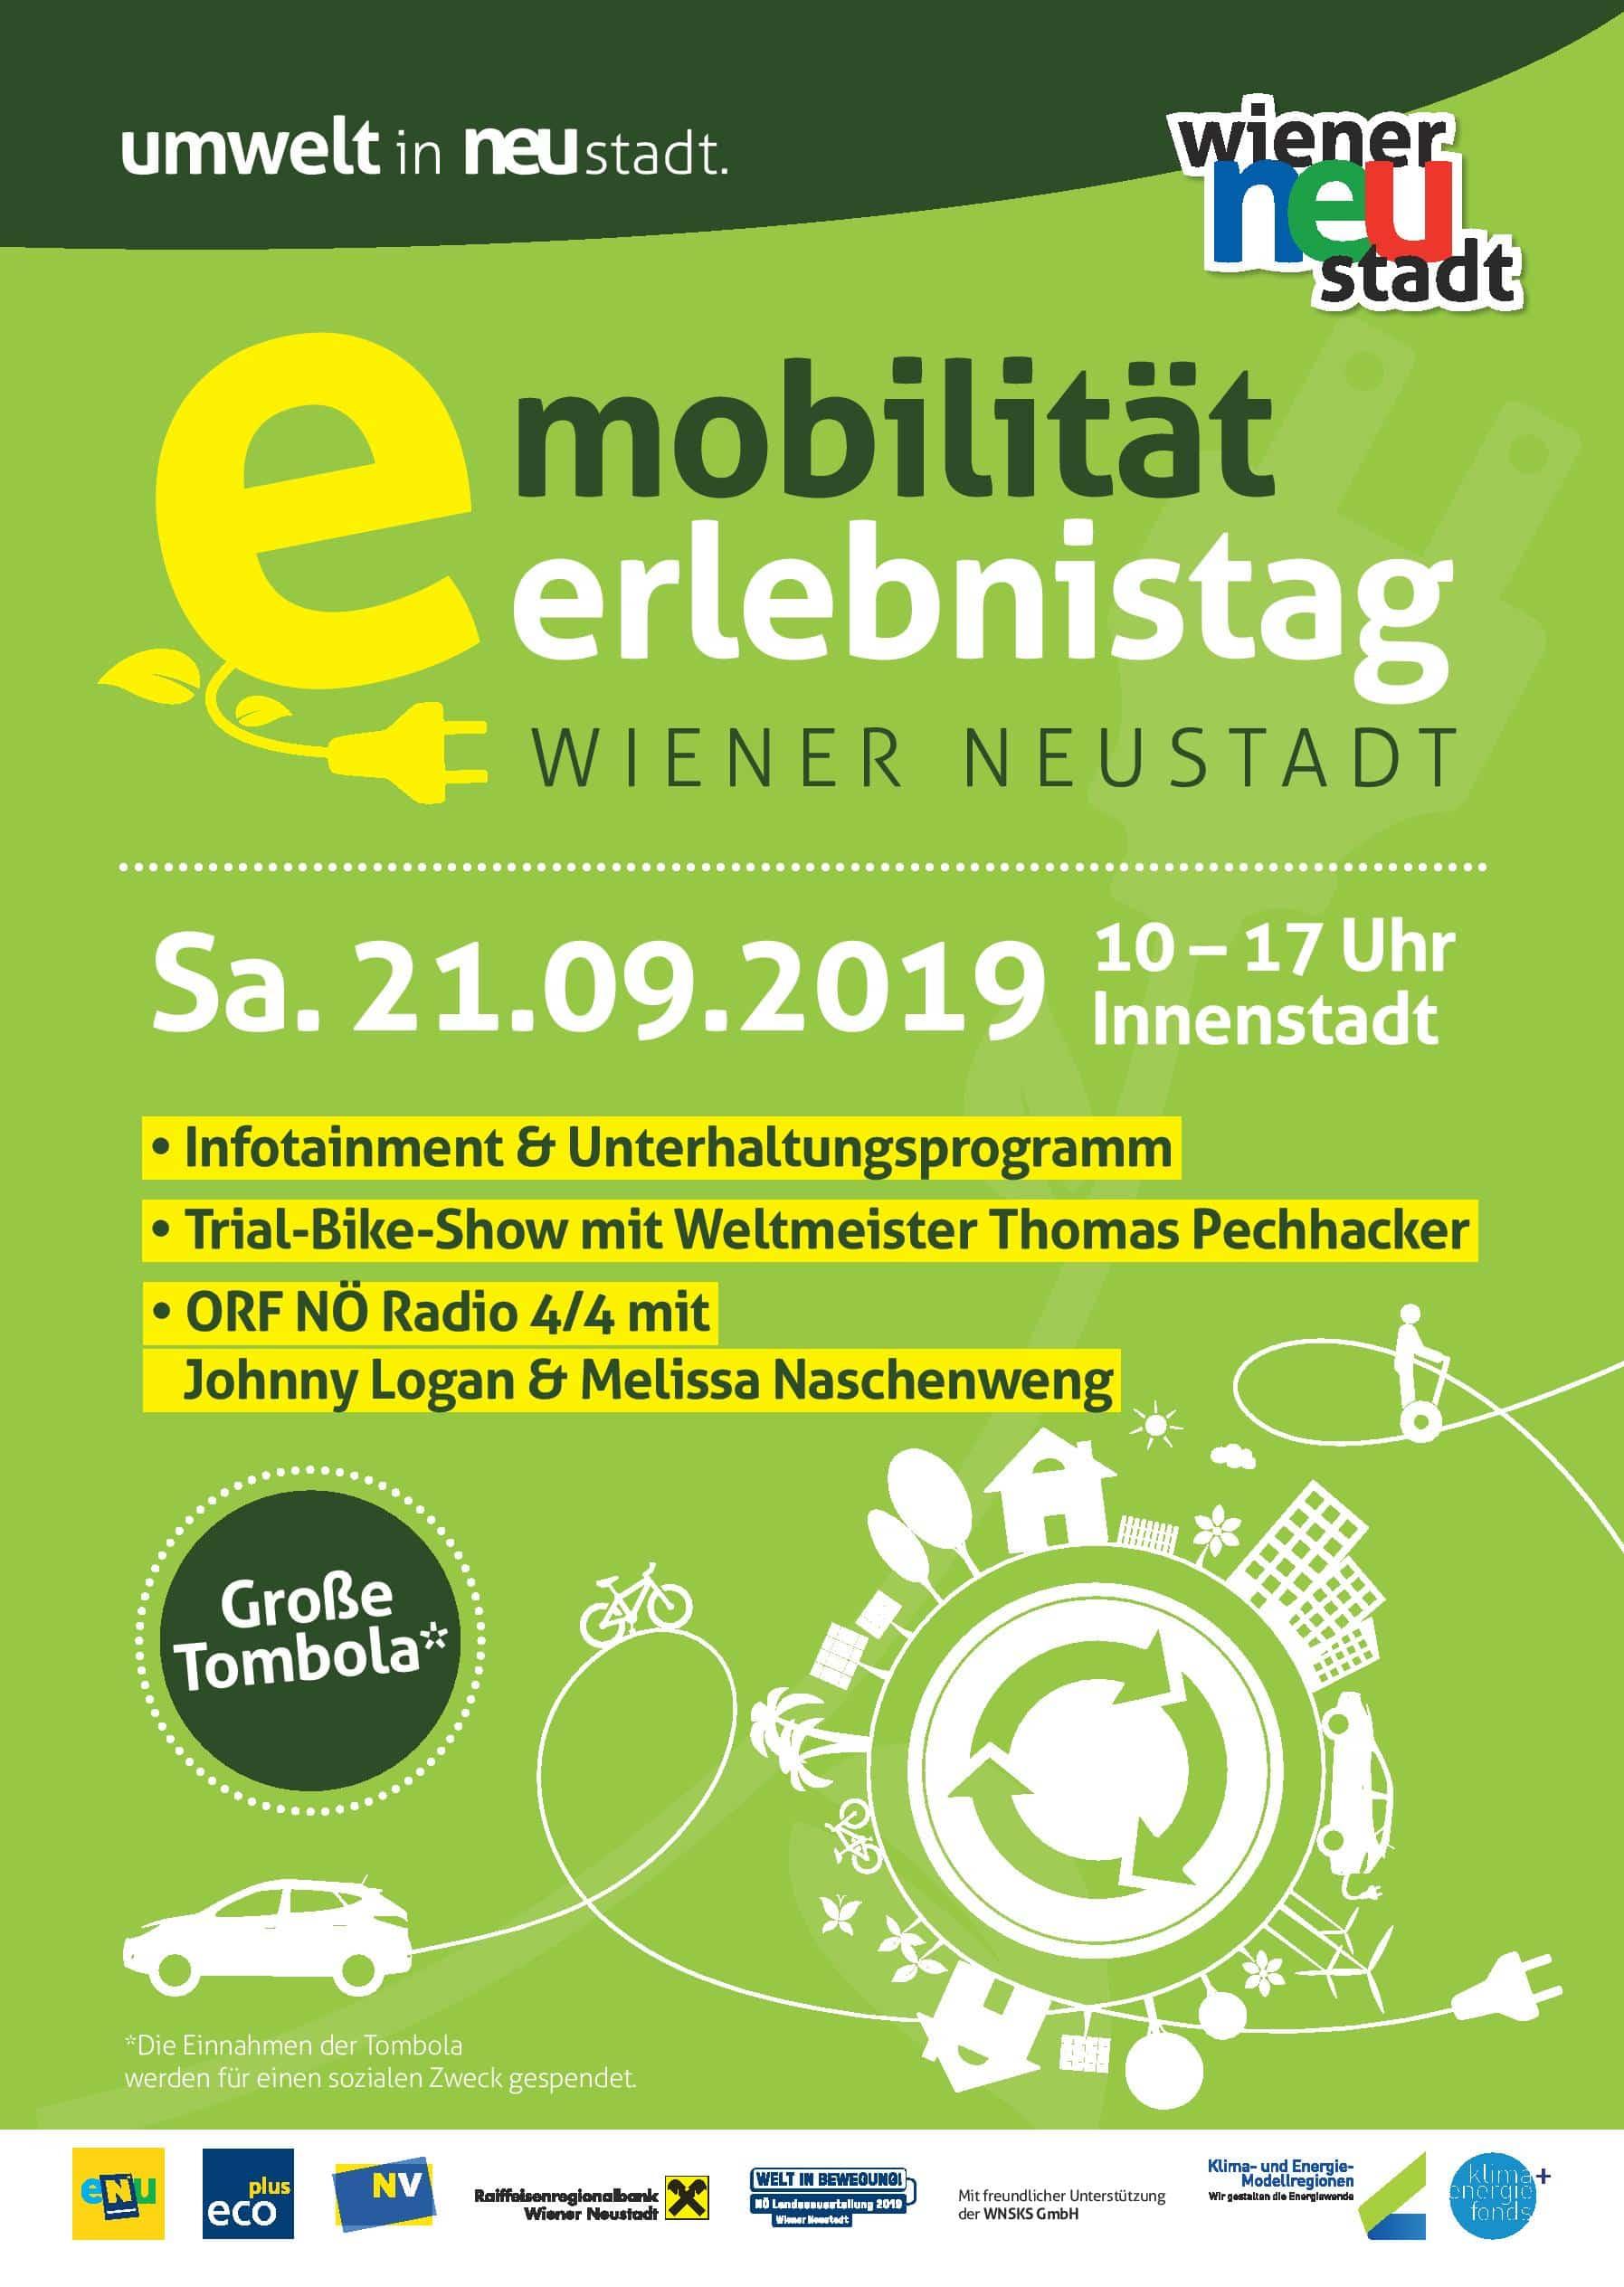 e-Mobilität Erlebnistag Wiener Neustadt » page 1 page 001